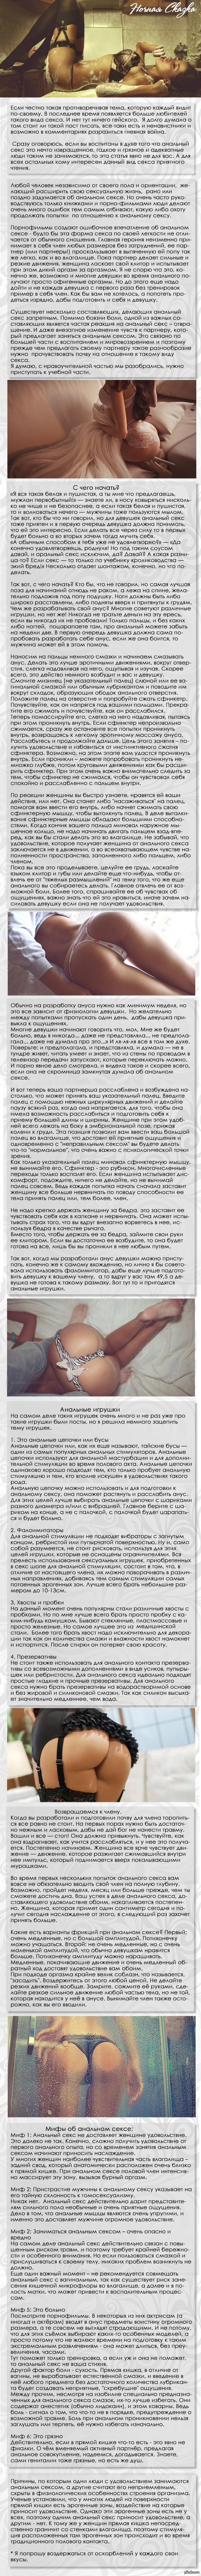 Анал после секса фото и комменты — pic 9